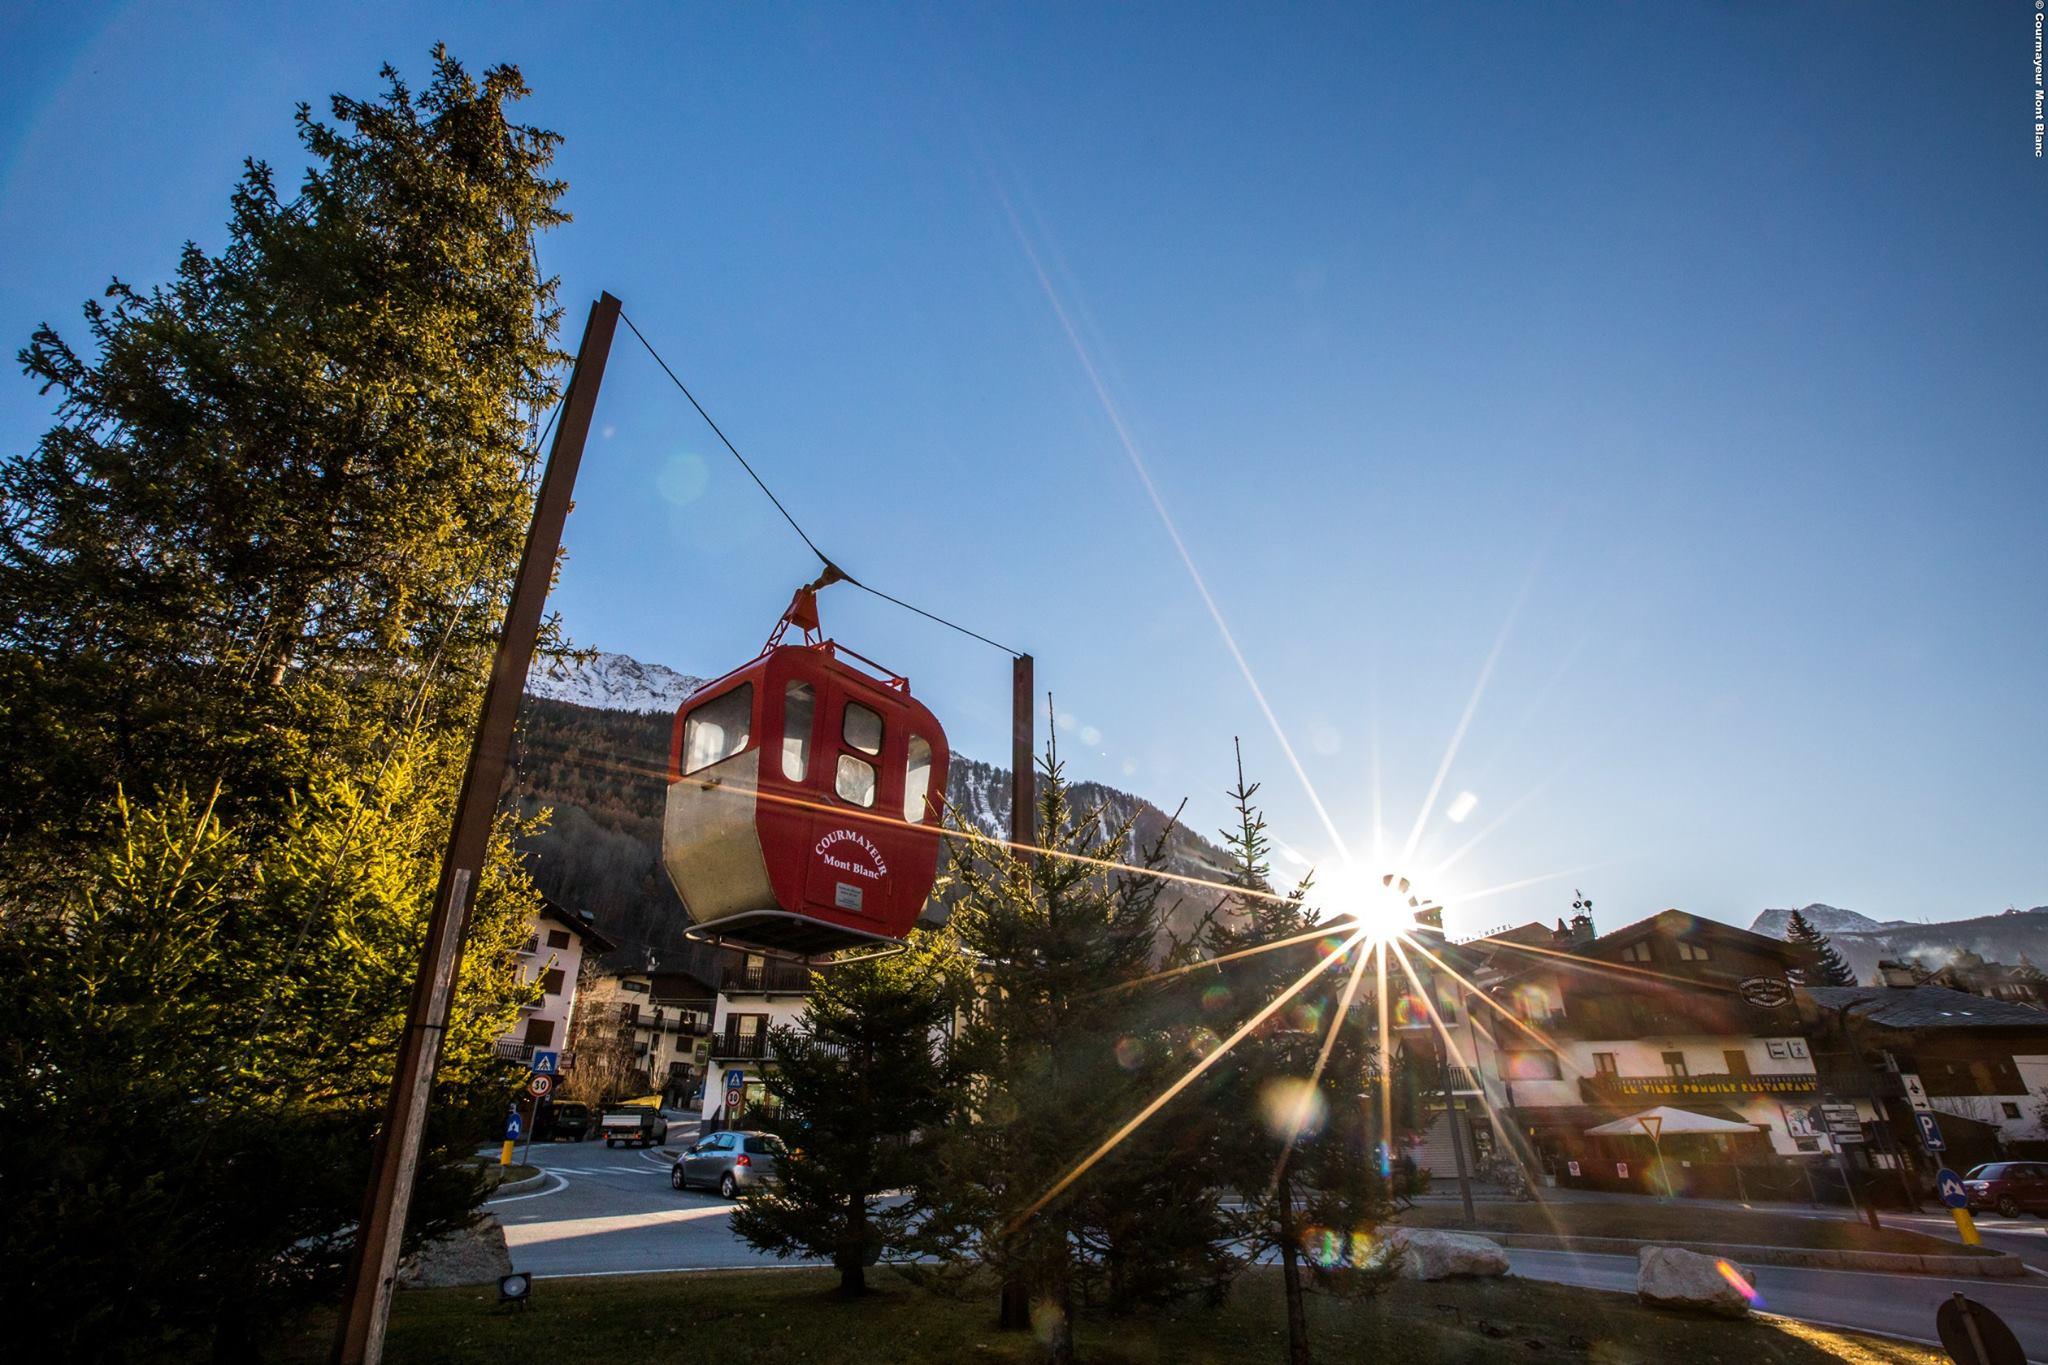 Courmayeur, neve, vacanze, valle d'aosta, Aosta-Tal, vacances, Vallée d'Aoste, Valle de Aosta, Vacaciones